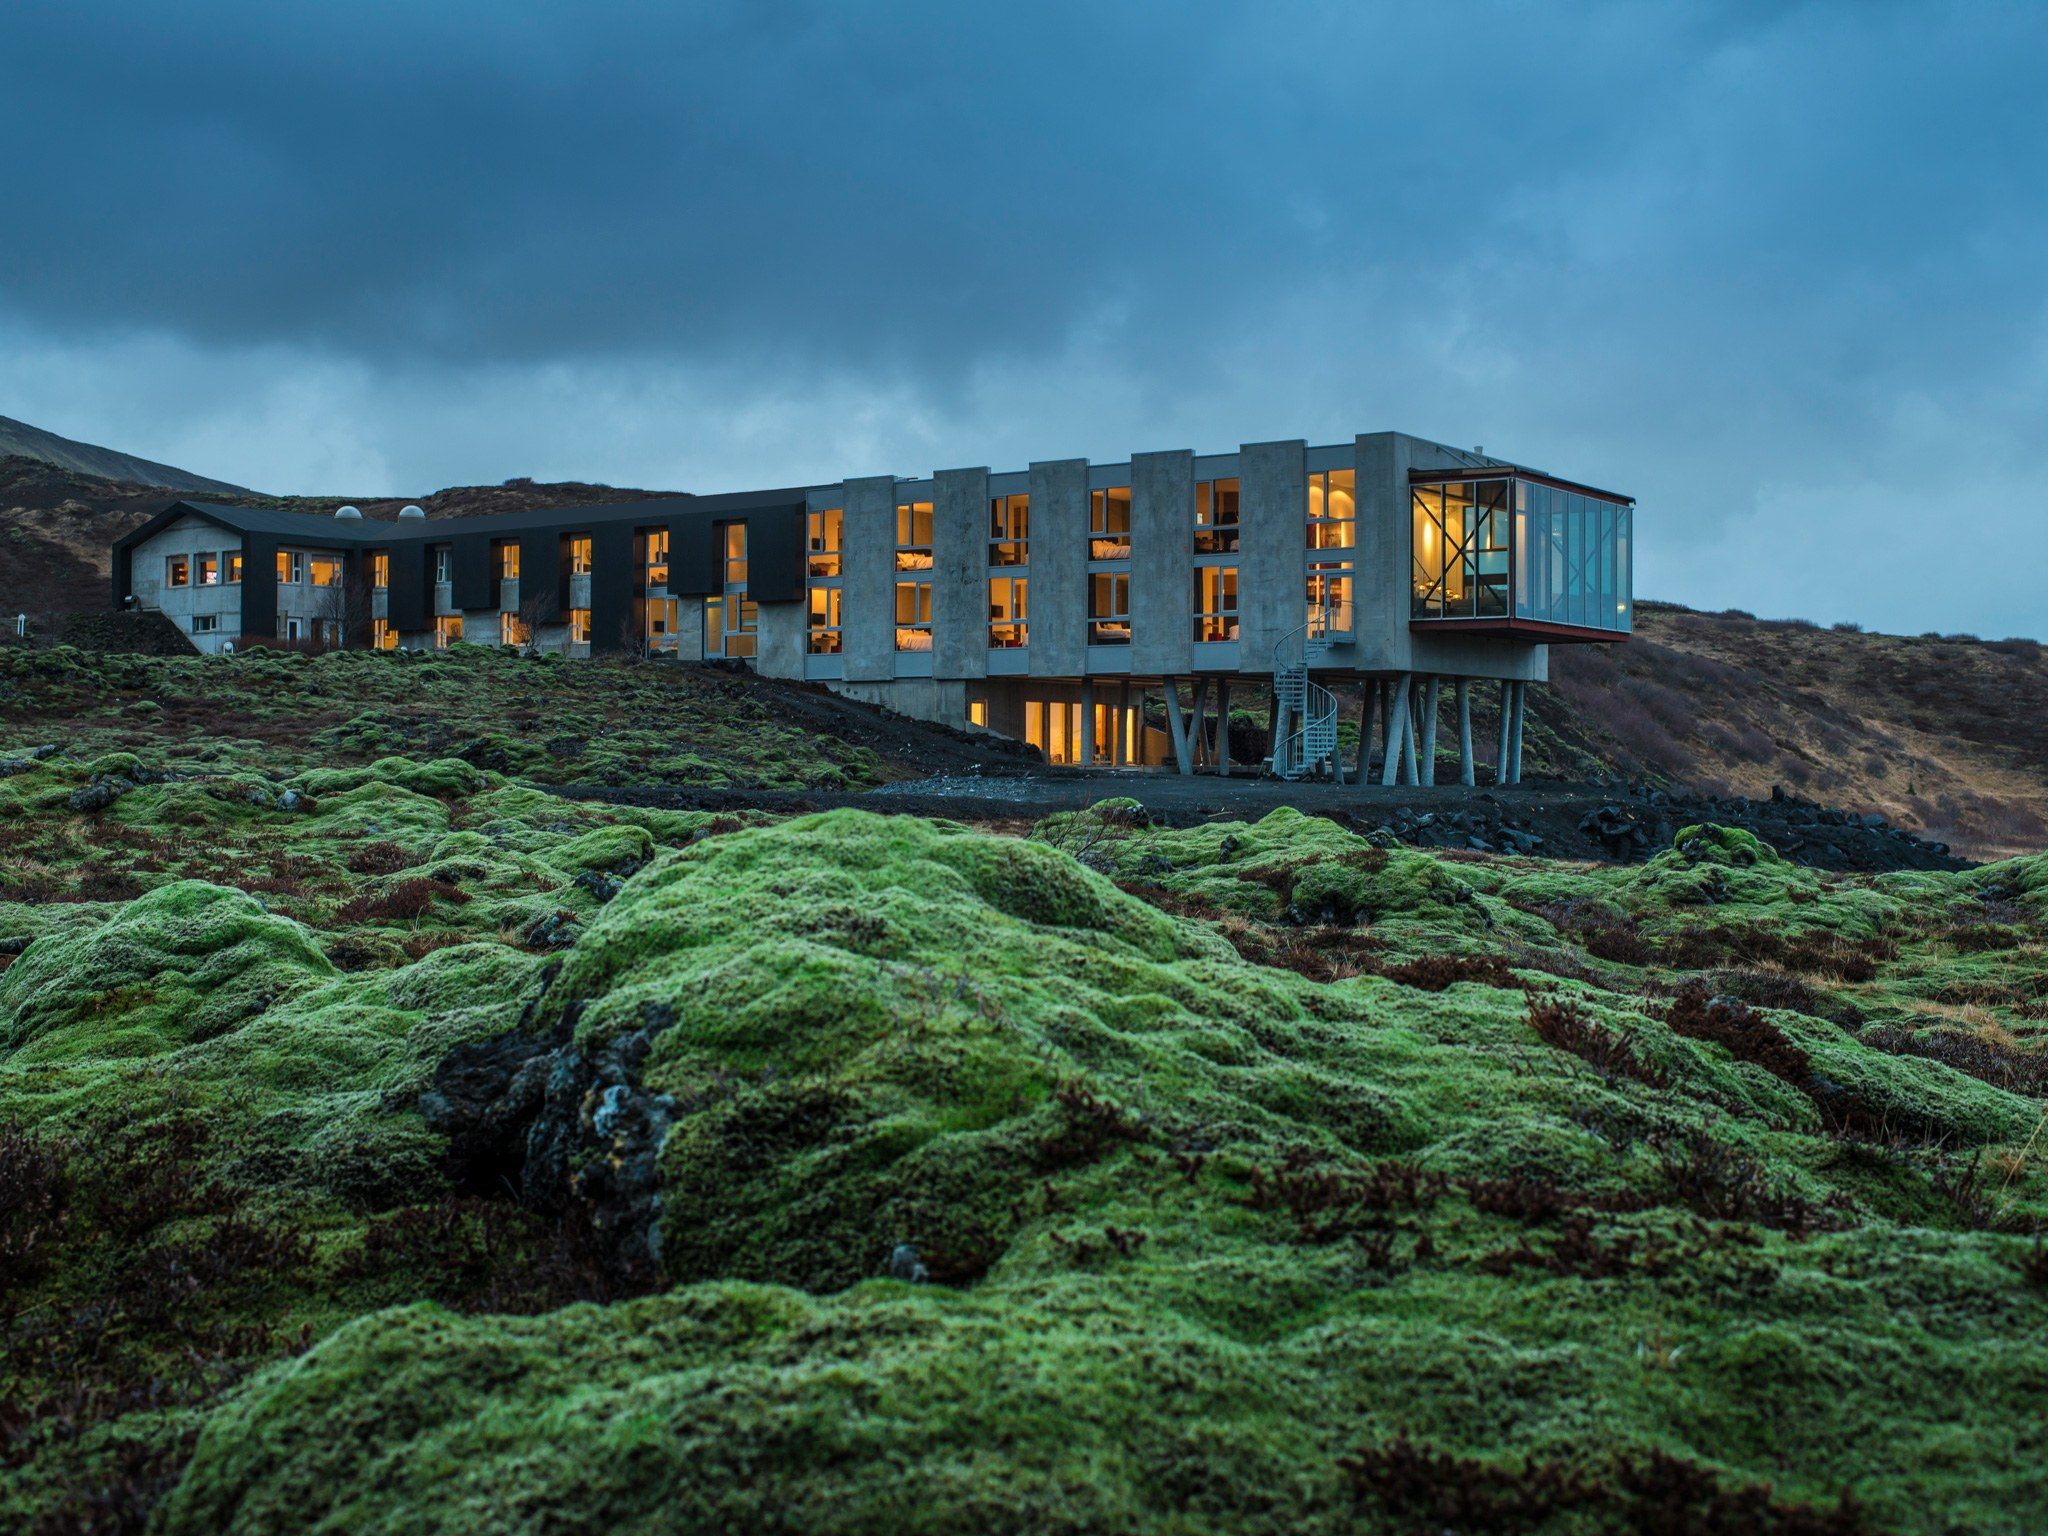 Ion-Luxury-Adventure-Hotel-reykjavik-iceland